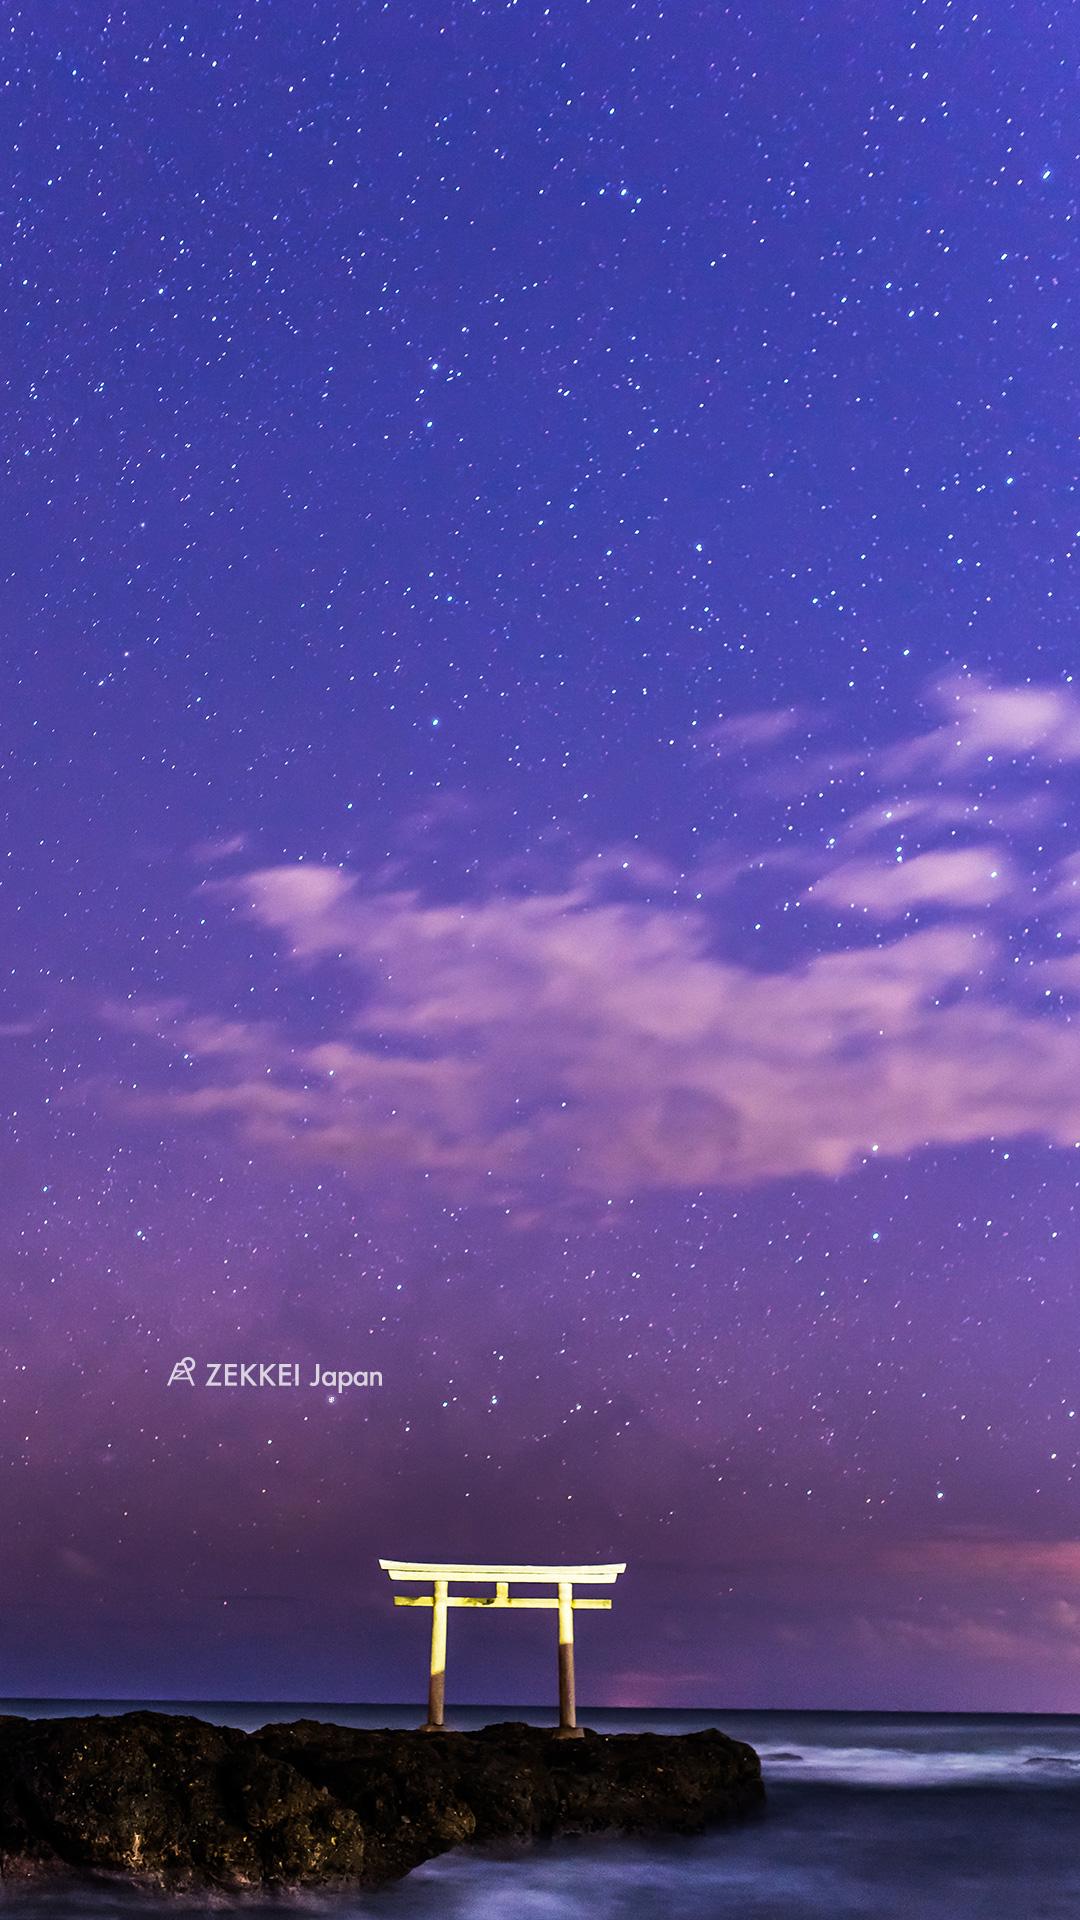 絶景壁紙>綺麗な冬の星空の絶景壁紙をあなたの待ち受けに